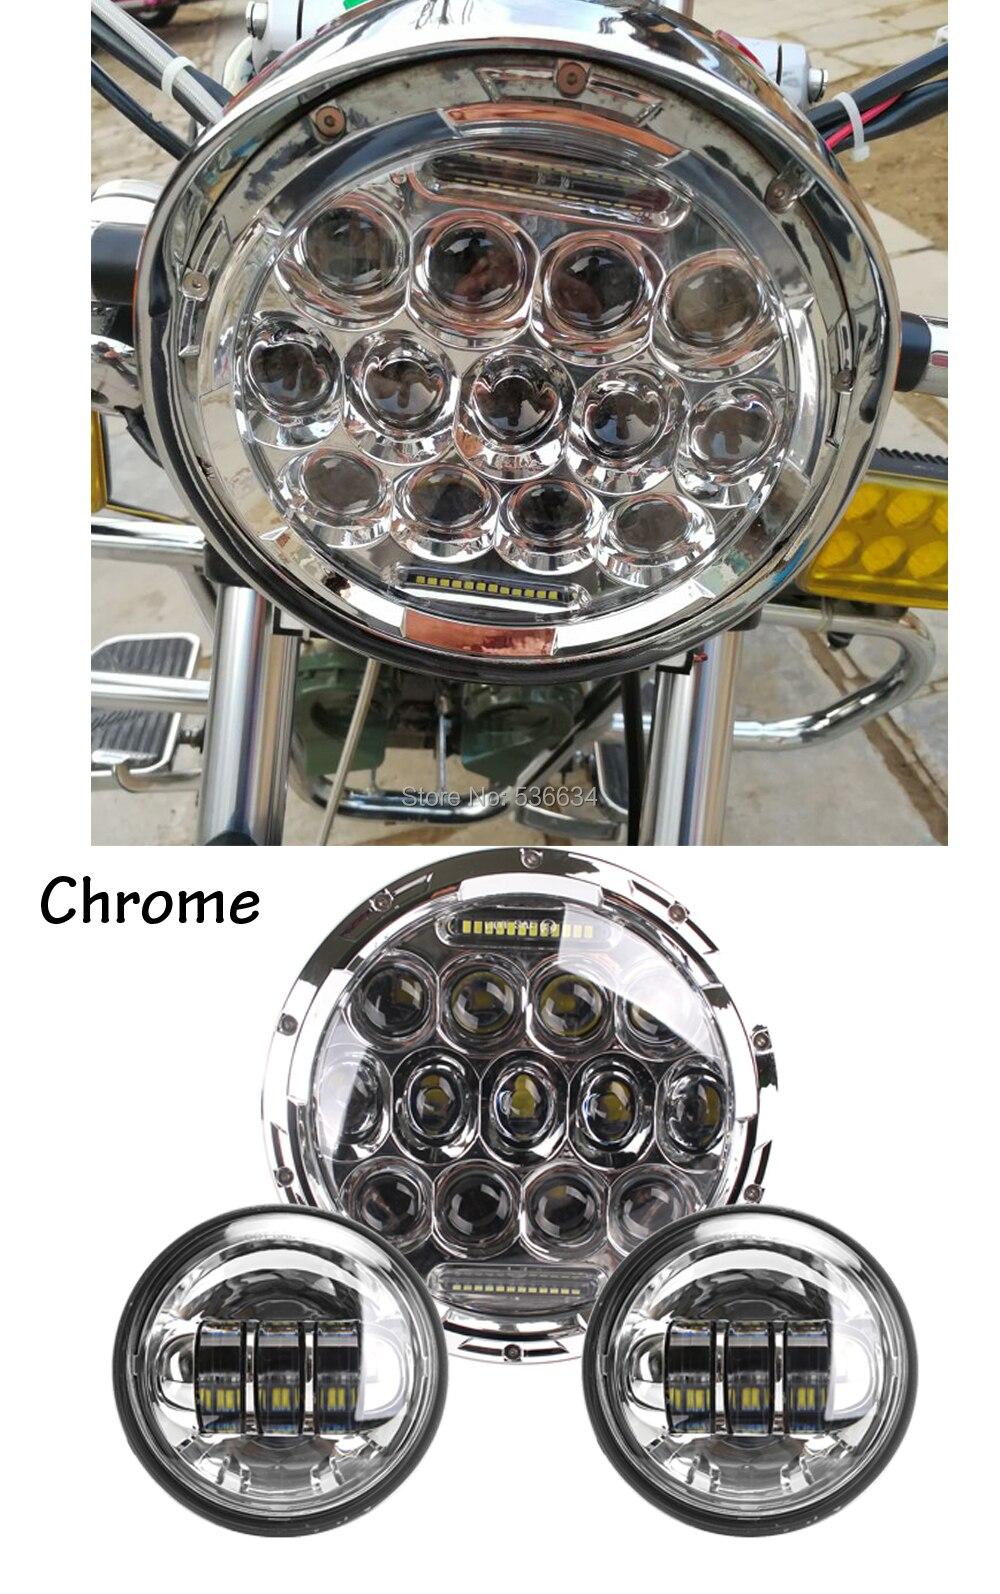 7-дюймовый светодиодный проектор фар с соответствующими 4.5-дюймовый LED ближнего света задний фонарь для Harley Дэвидсон наследия Софтейла